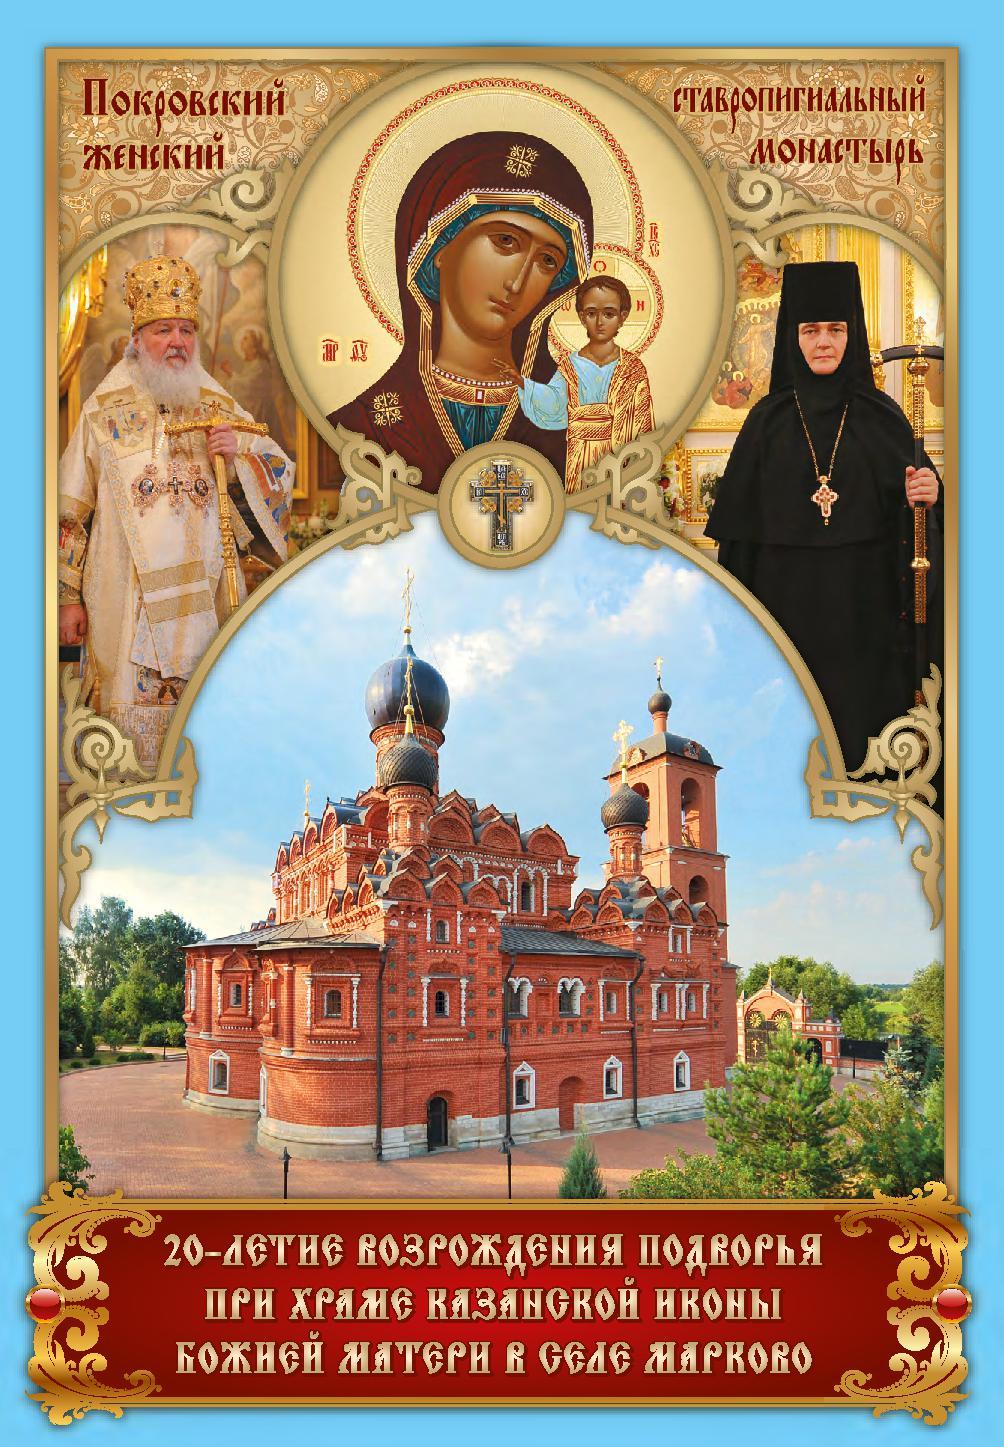 20 - летие возрождения подворья при храме Казанской иконы Божией Матери в селе Марково